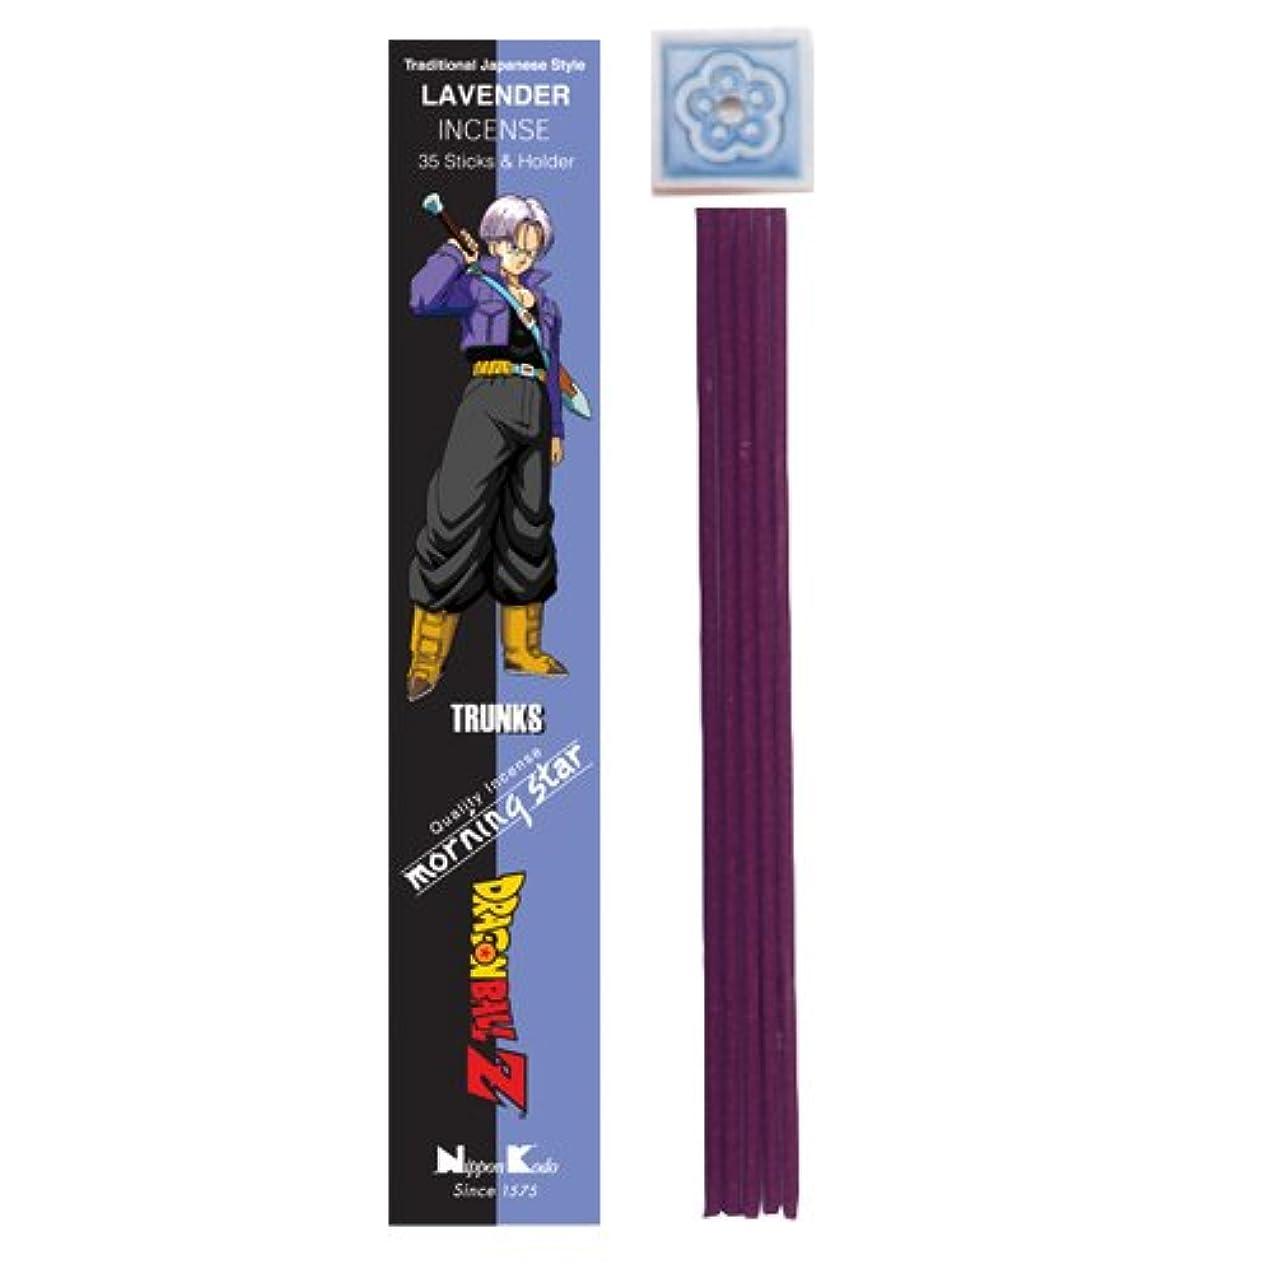 偏差希望に満ちたスズメバチMorning Star – ドラゴンボールZ Incense – ラベンダー(トランクス)